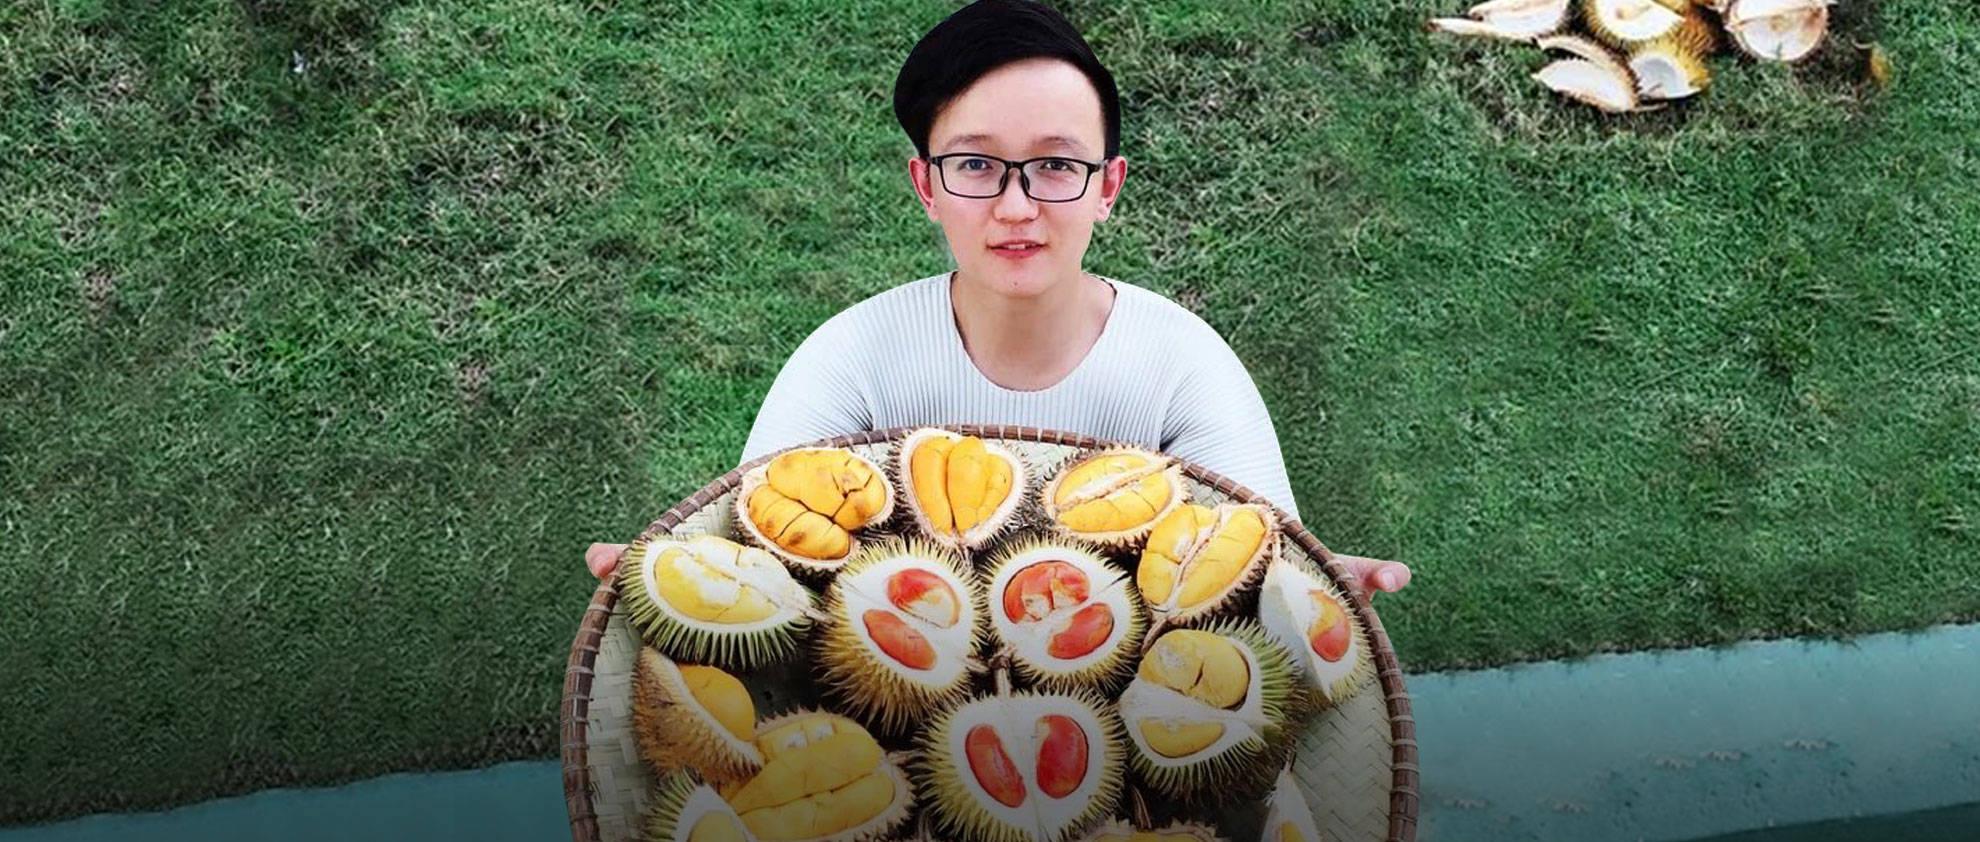 一年花50万吃水果的男生:穷的时候饭都吃不起